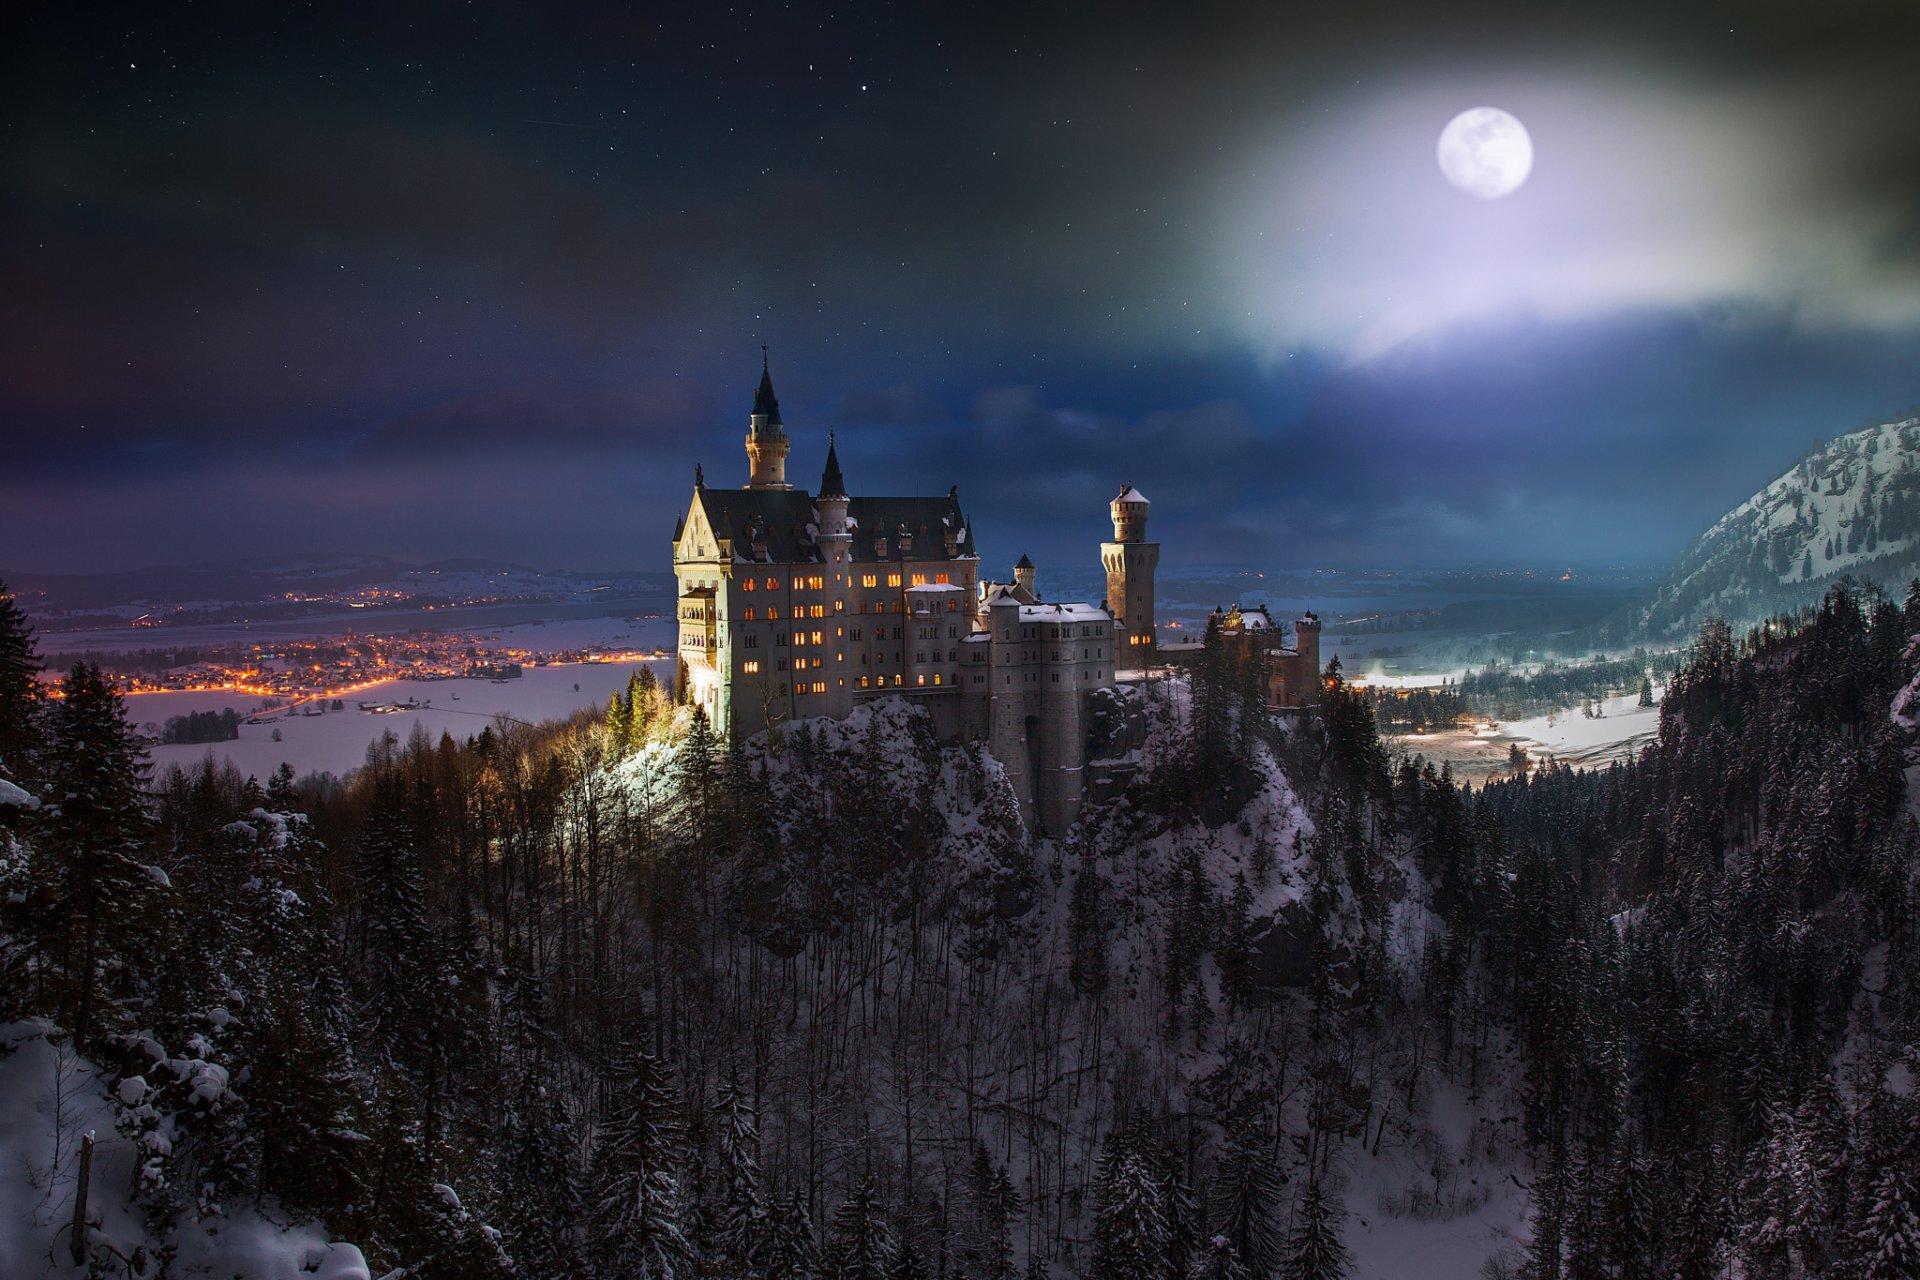 Обои юго-западная, бавария, германия, замок. Города foto 10